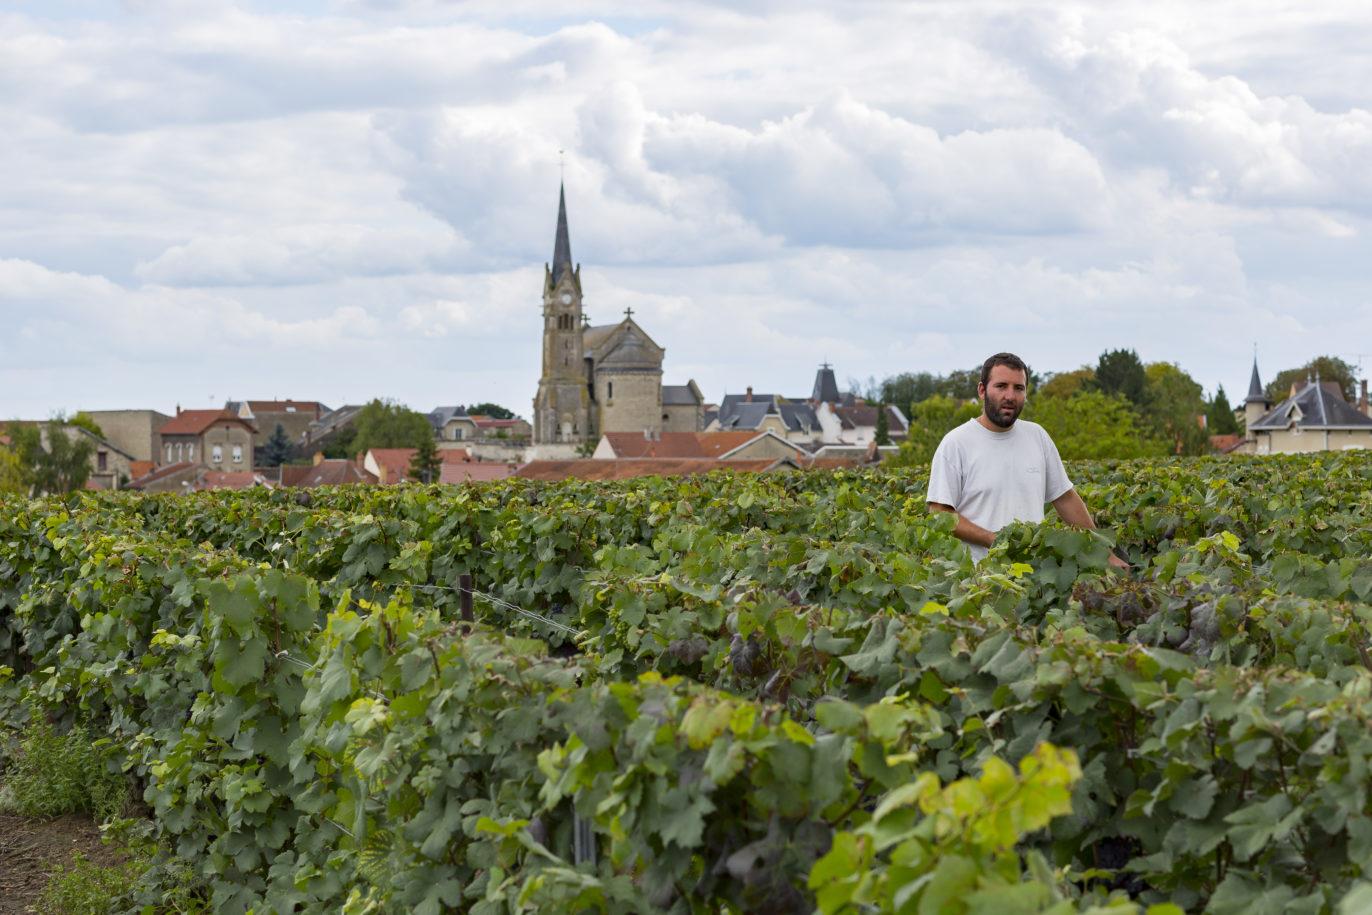 Brimont pendant les vendanges, vu depuis les vignes Hotte-Schmit. Un vendangeur passe entre deux rangs.